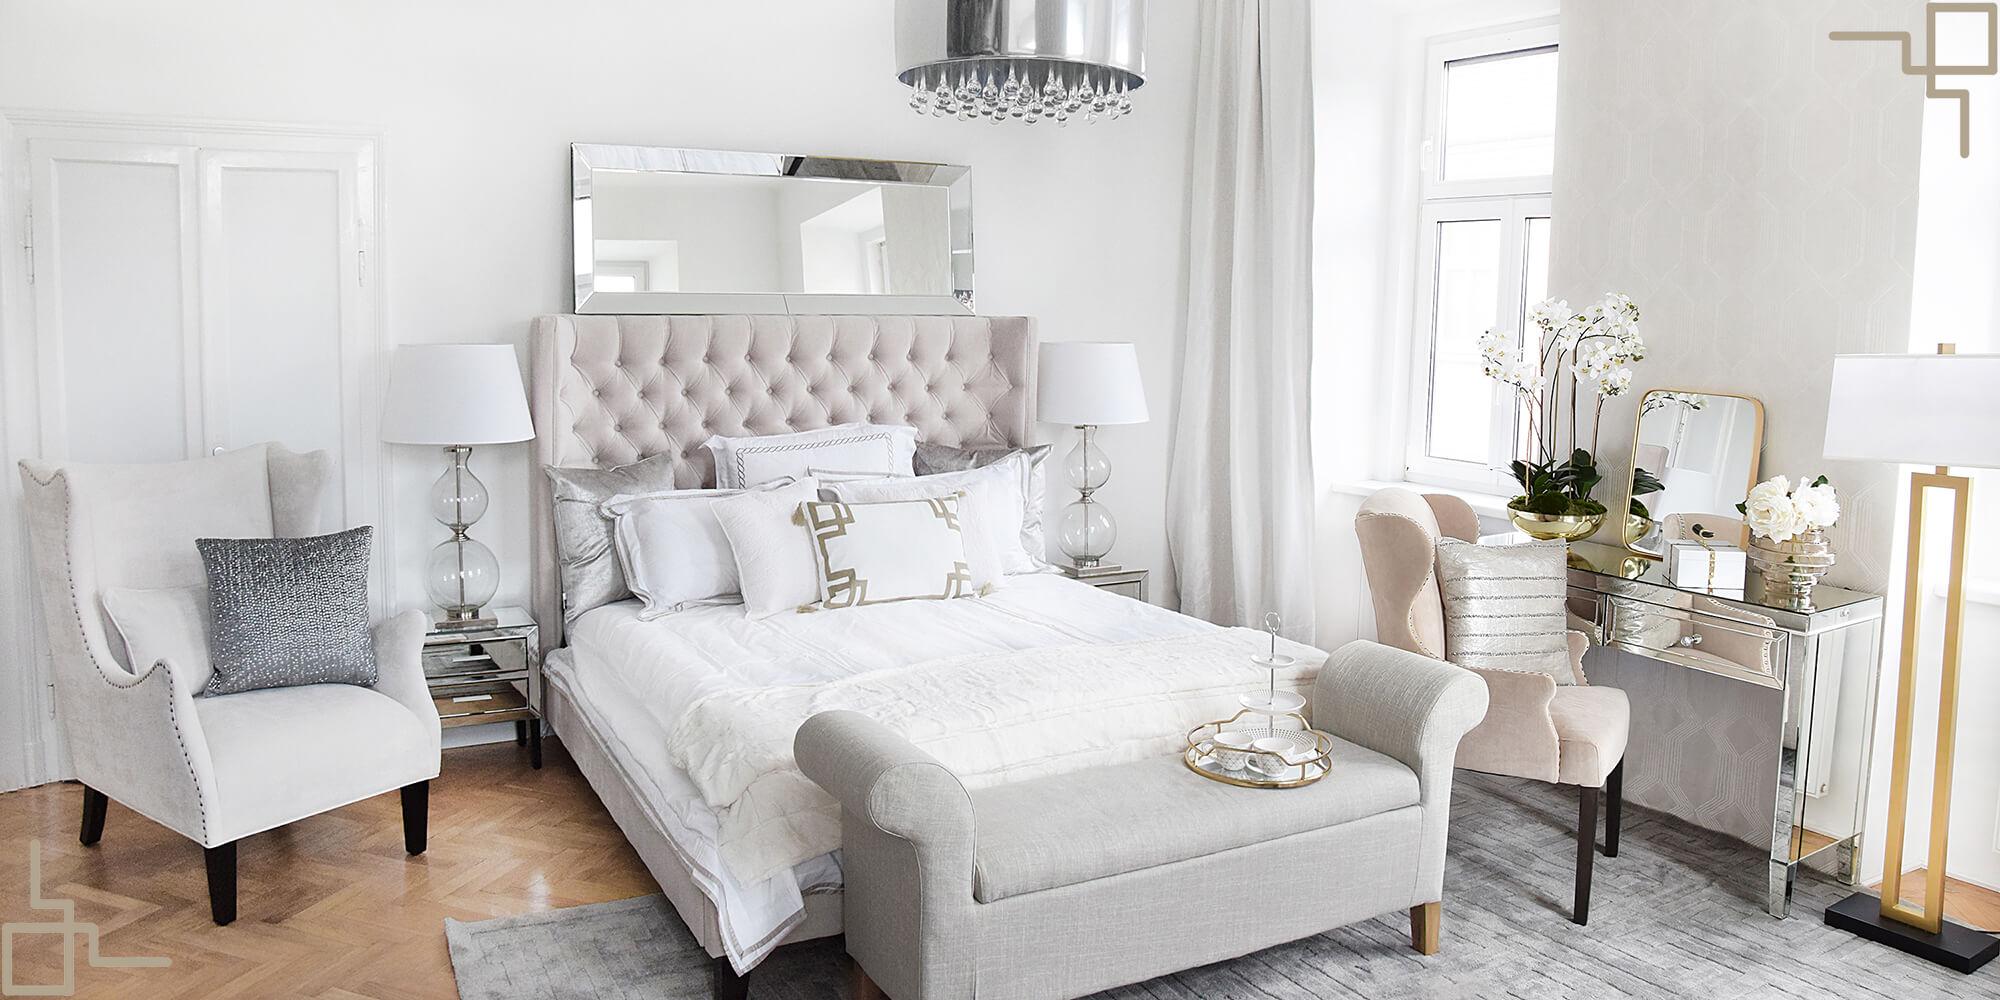 Get the Look: Luxury Pearl White Bedroom